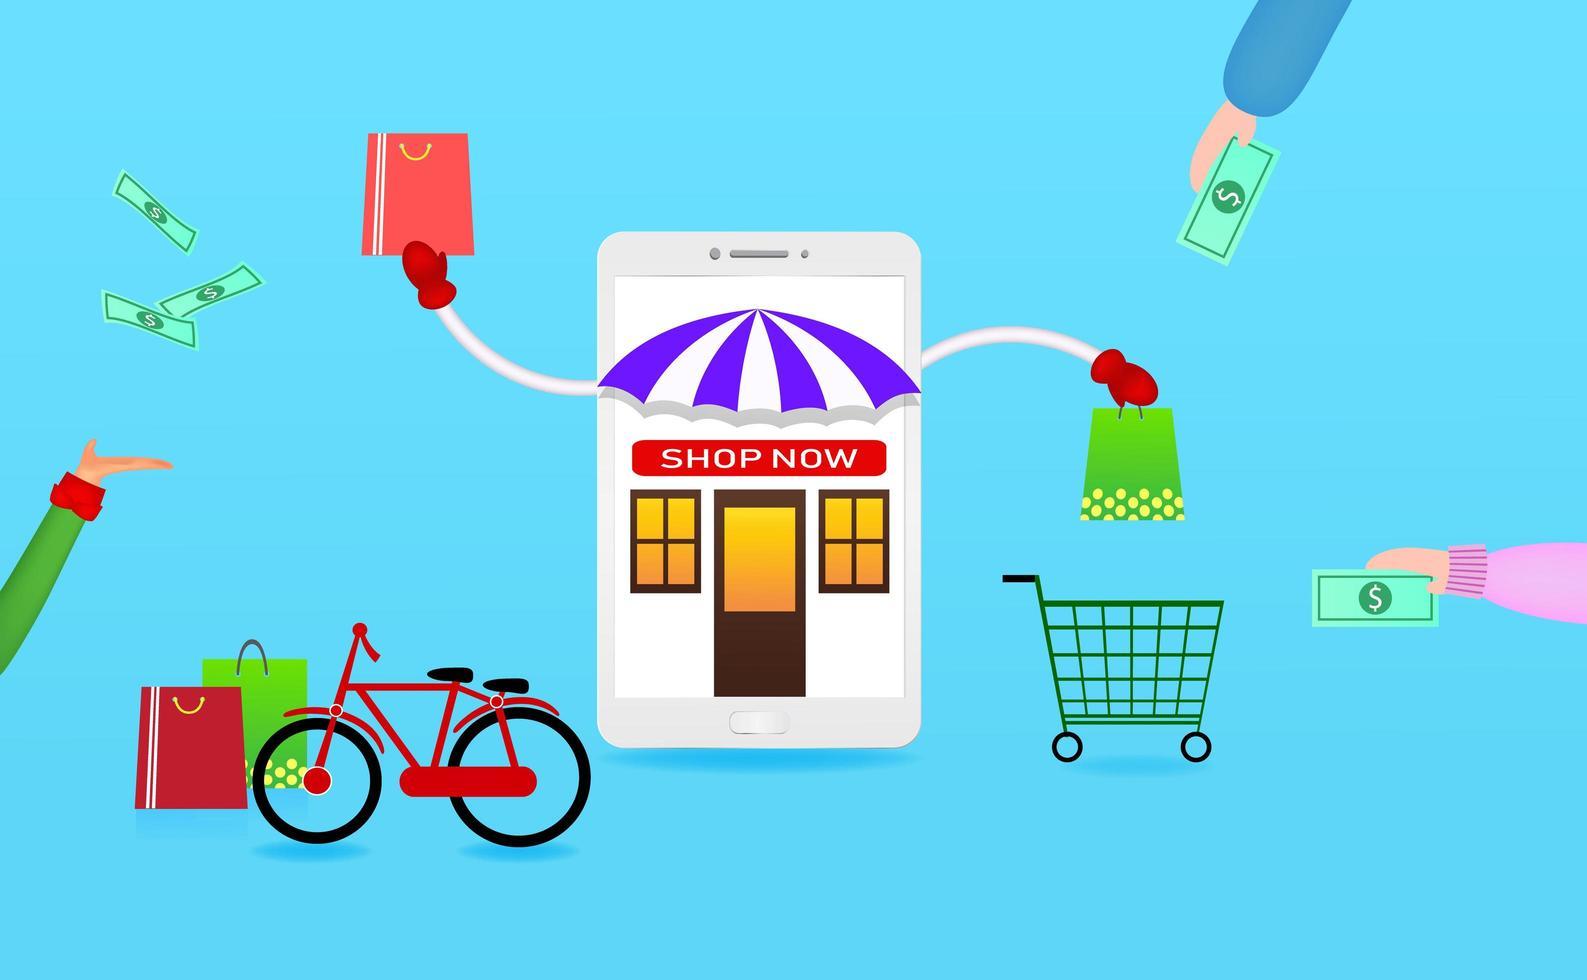 vente de magasin en ligne smartphone avec mains et vélo vecteur